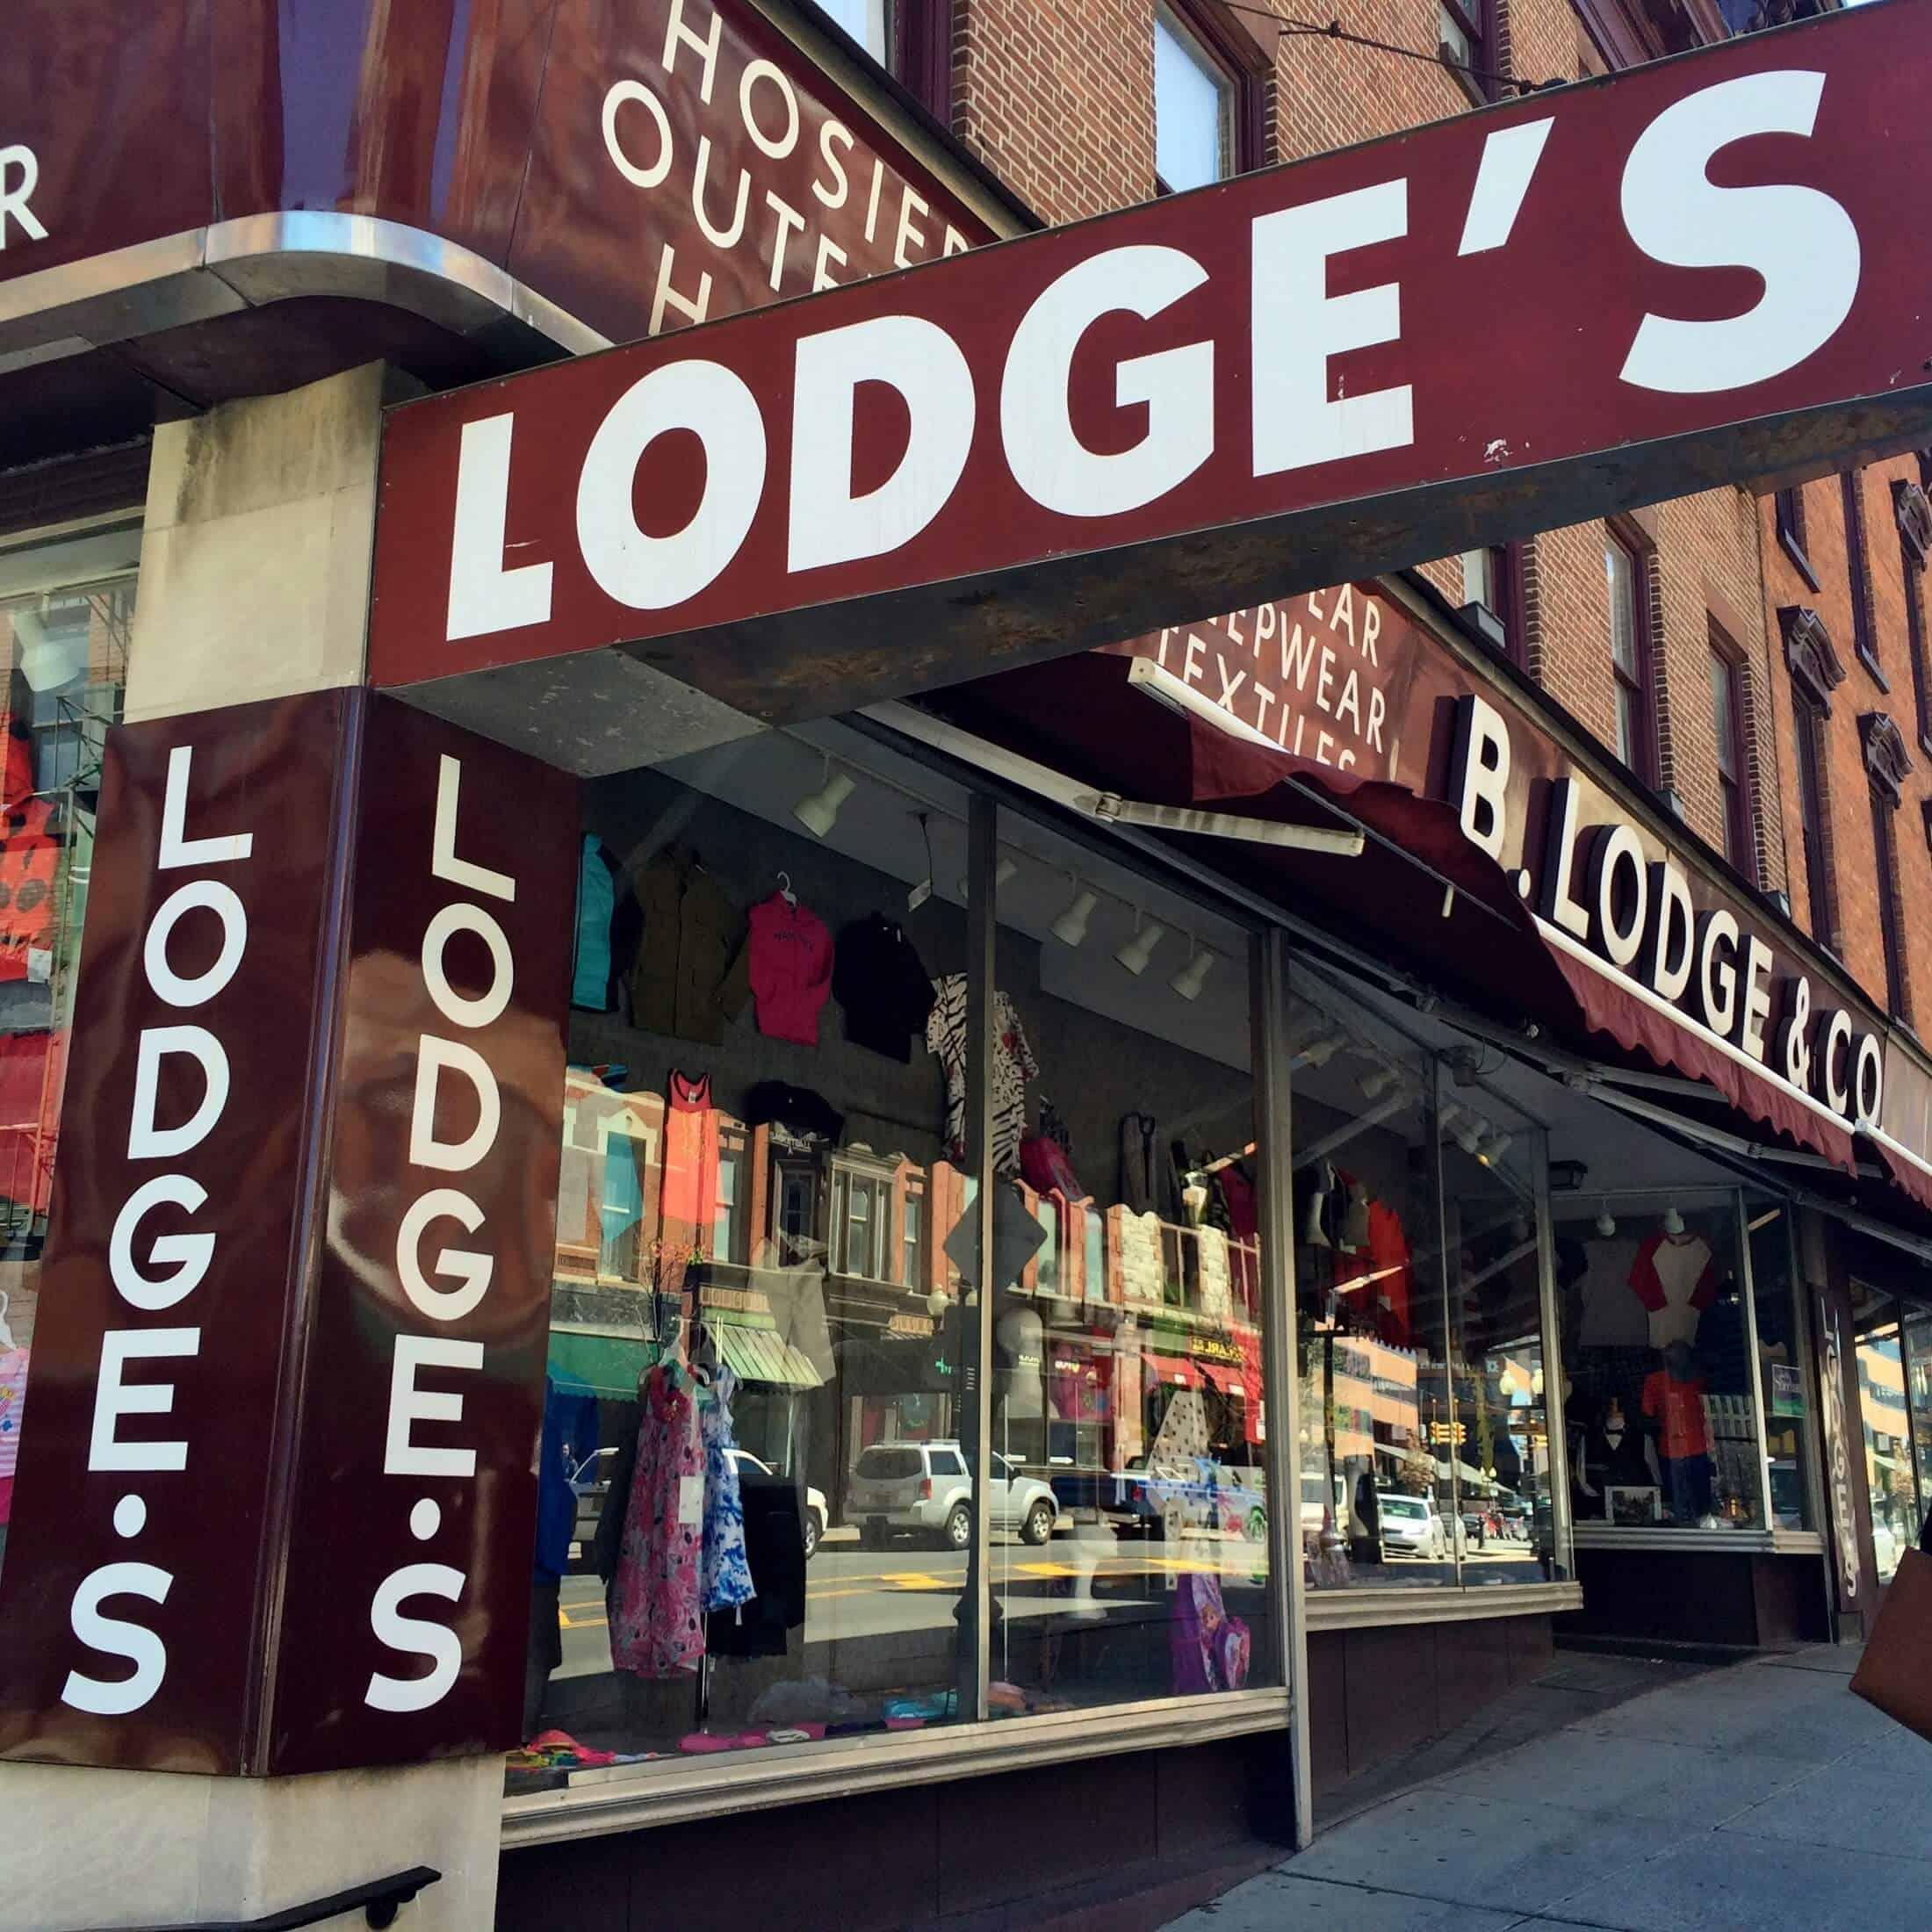 Lodge's storefront albany ny